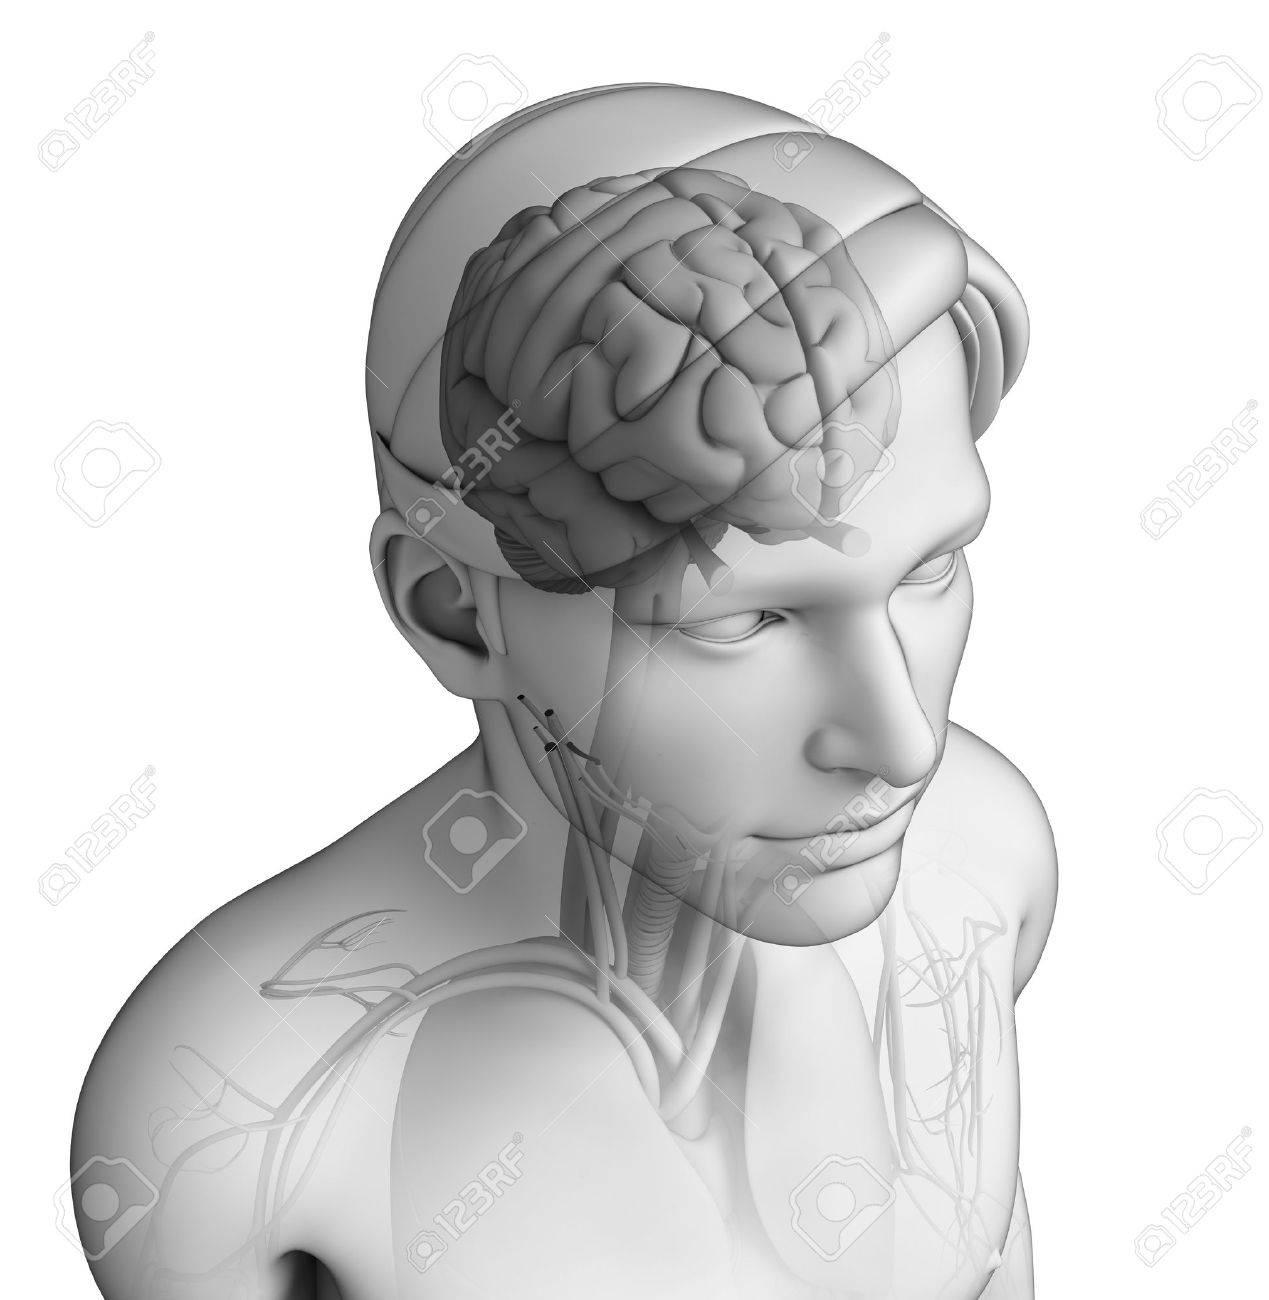 Ilustración De La Anatomía Cabeza Humana Fotos, Retratos, Imágenes Y ...